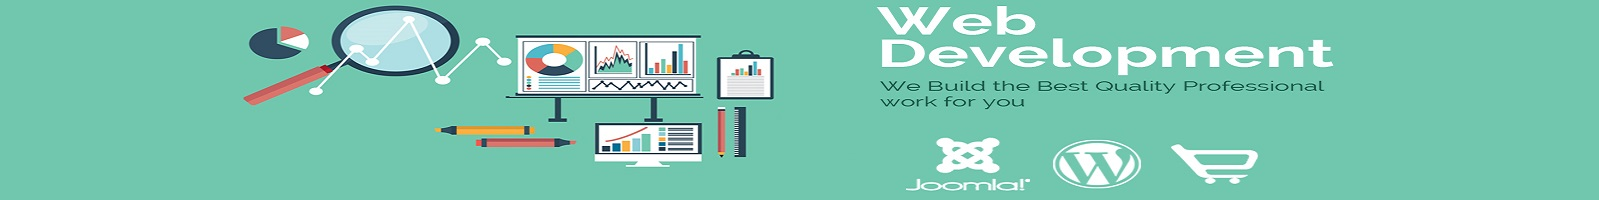 web development company in mohali india